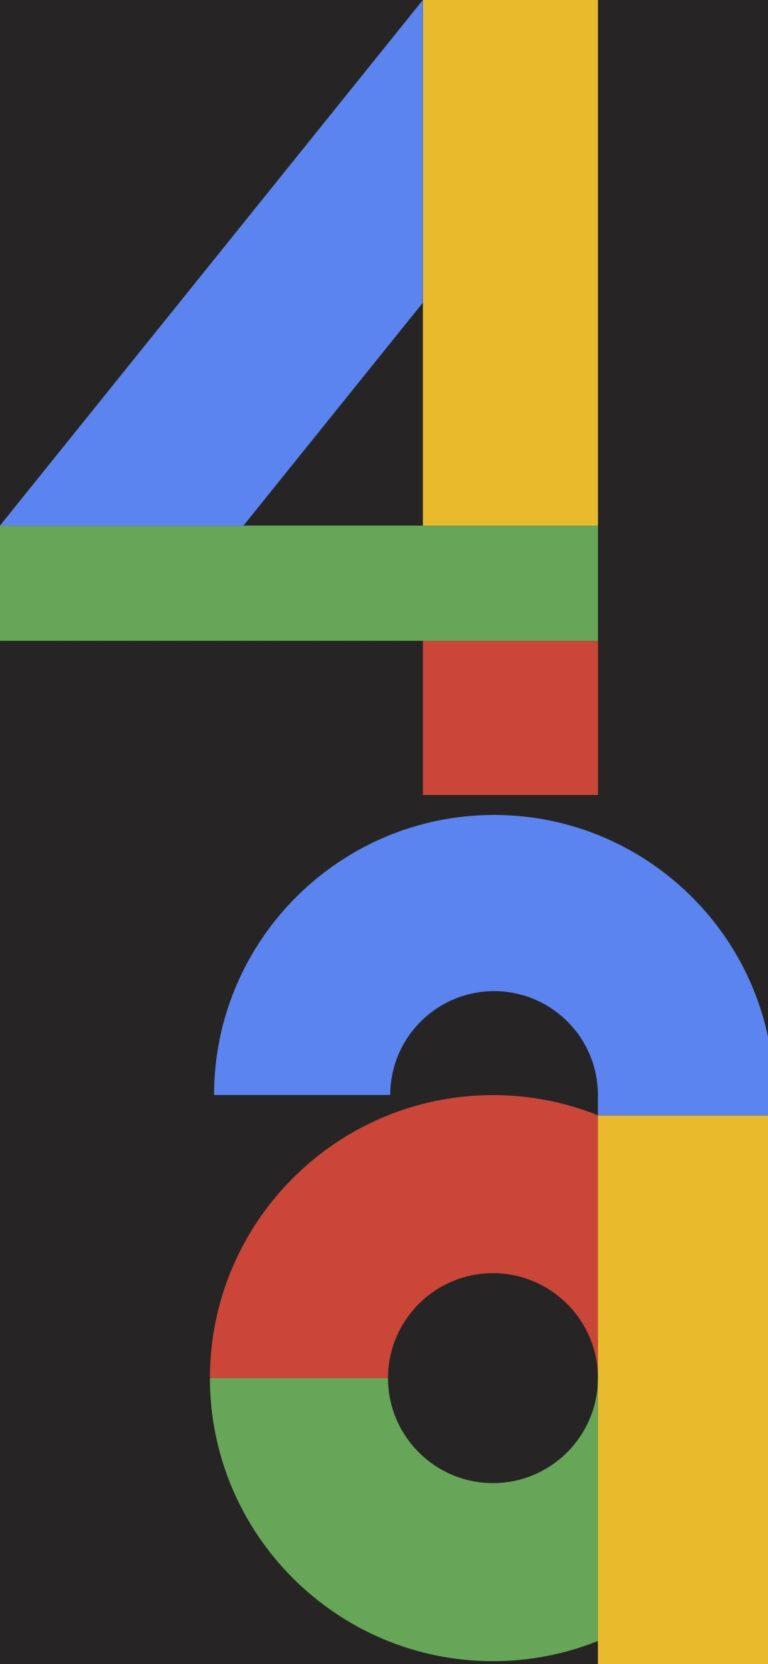 Pixel4a wallpaper